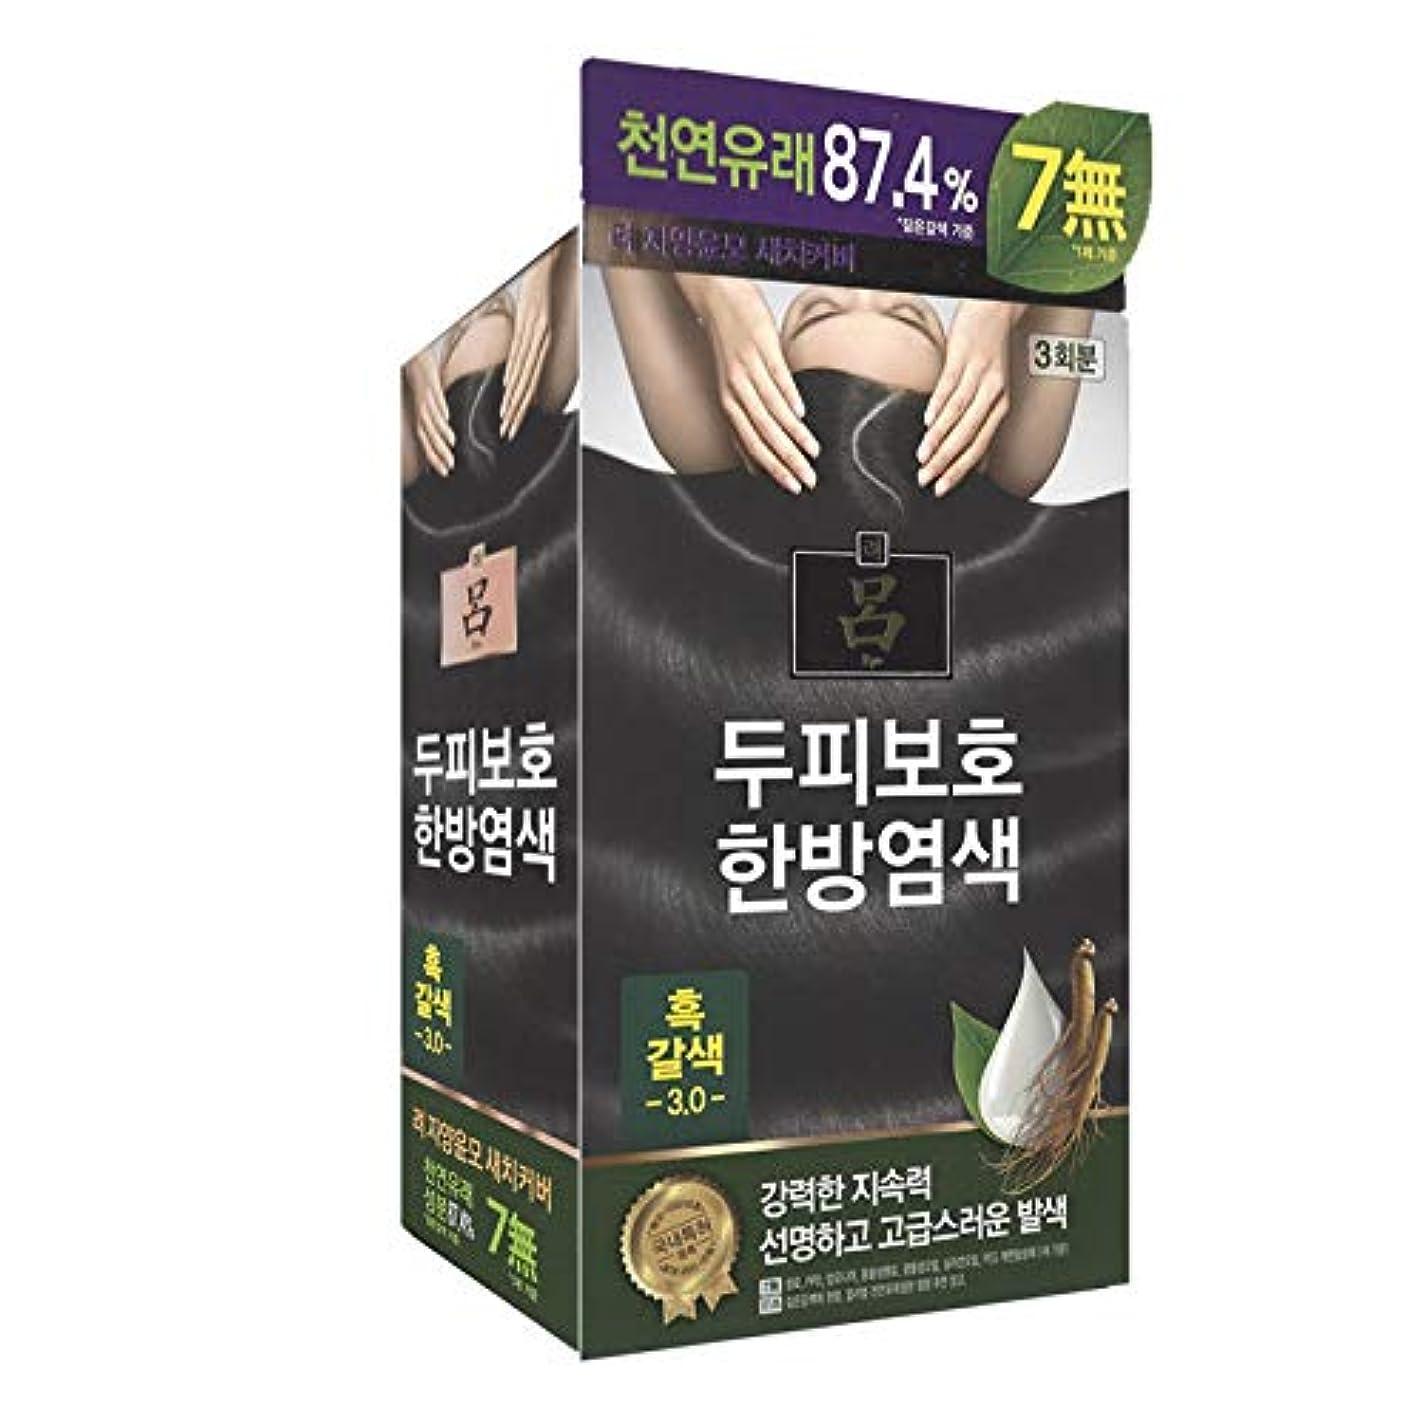 ヘアすり減る所有権アモーレパシフィック呂[AMOREPACIFIC/Ryo] Jayang Yunmoグレーヘアカバー 3.0 黒褐色(Blackish Brown)